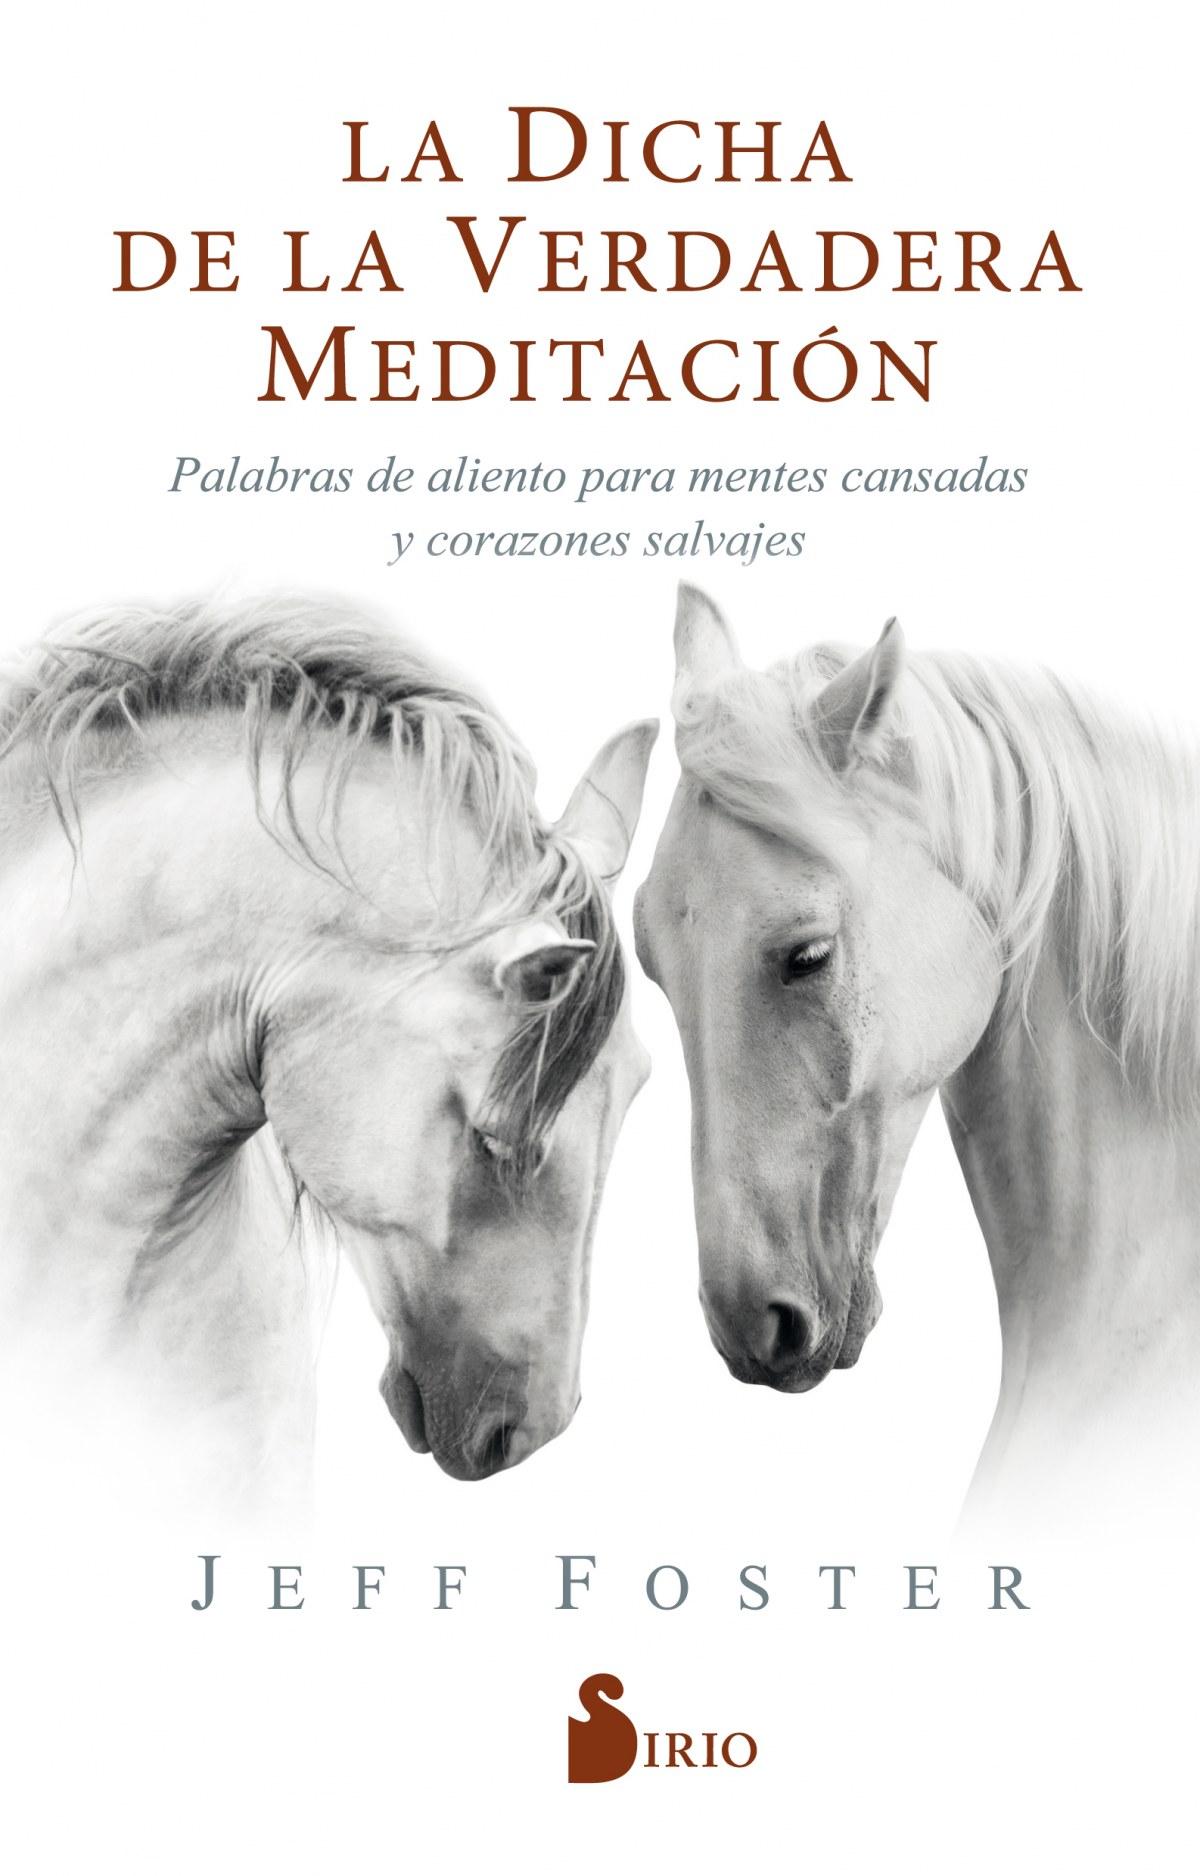 La dicha de la verdadera meditación 9788418000522